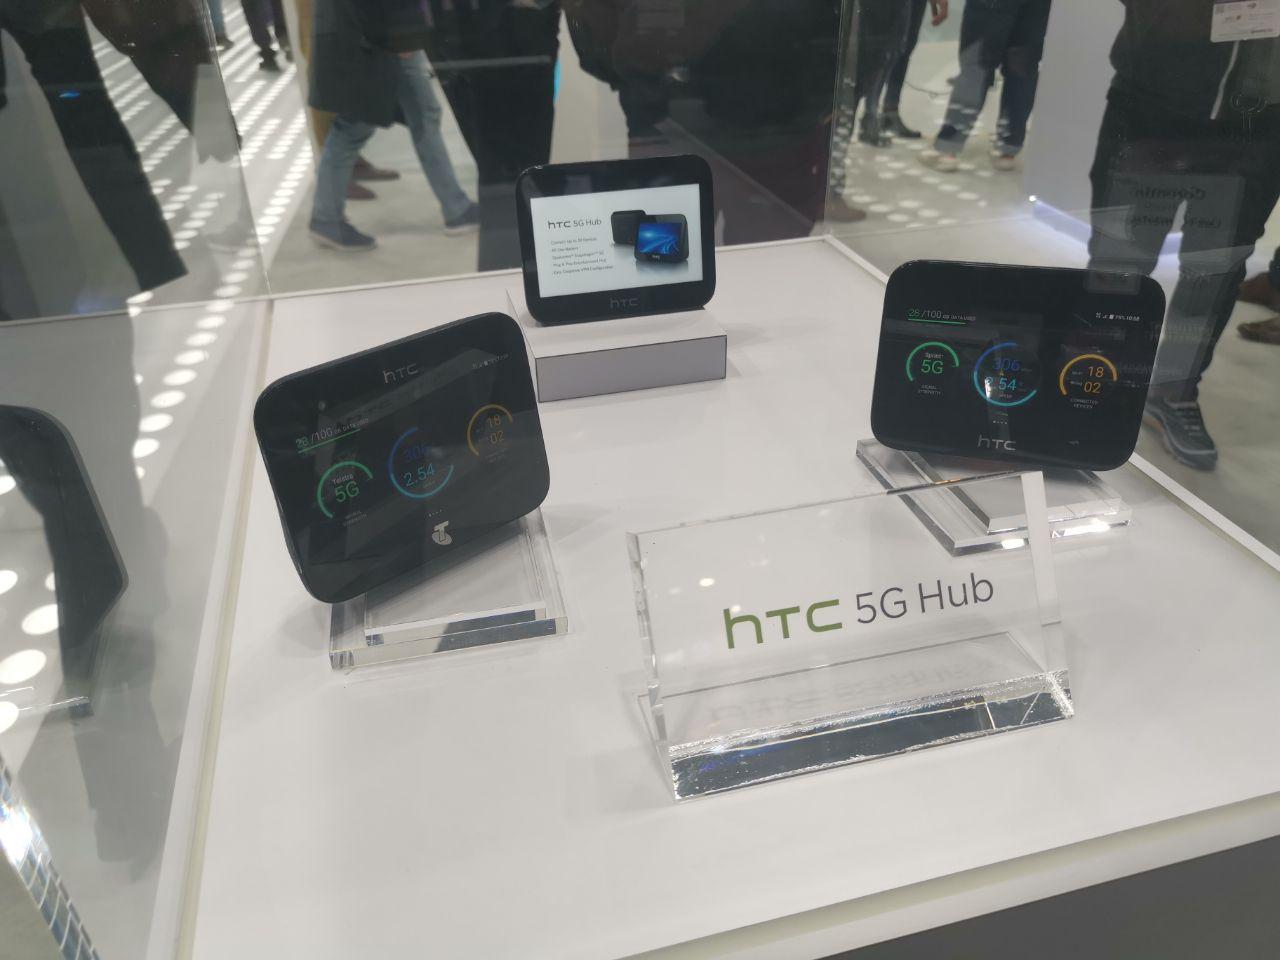 htc und die telekom bringen 5g zu euch nach hause androidpit. Black Bedroom Furniture Sets. Home Design Ideas